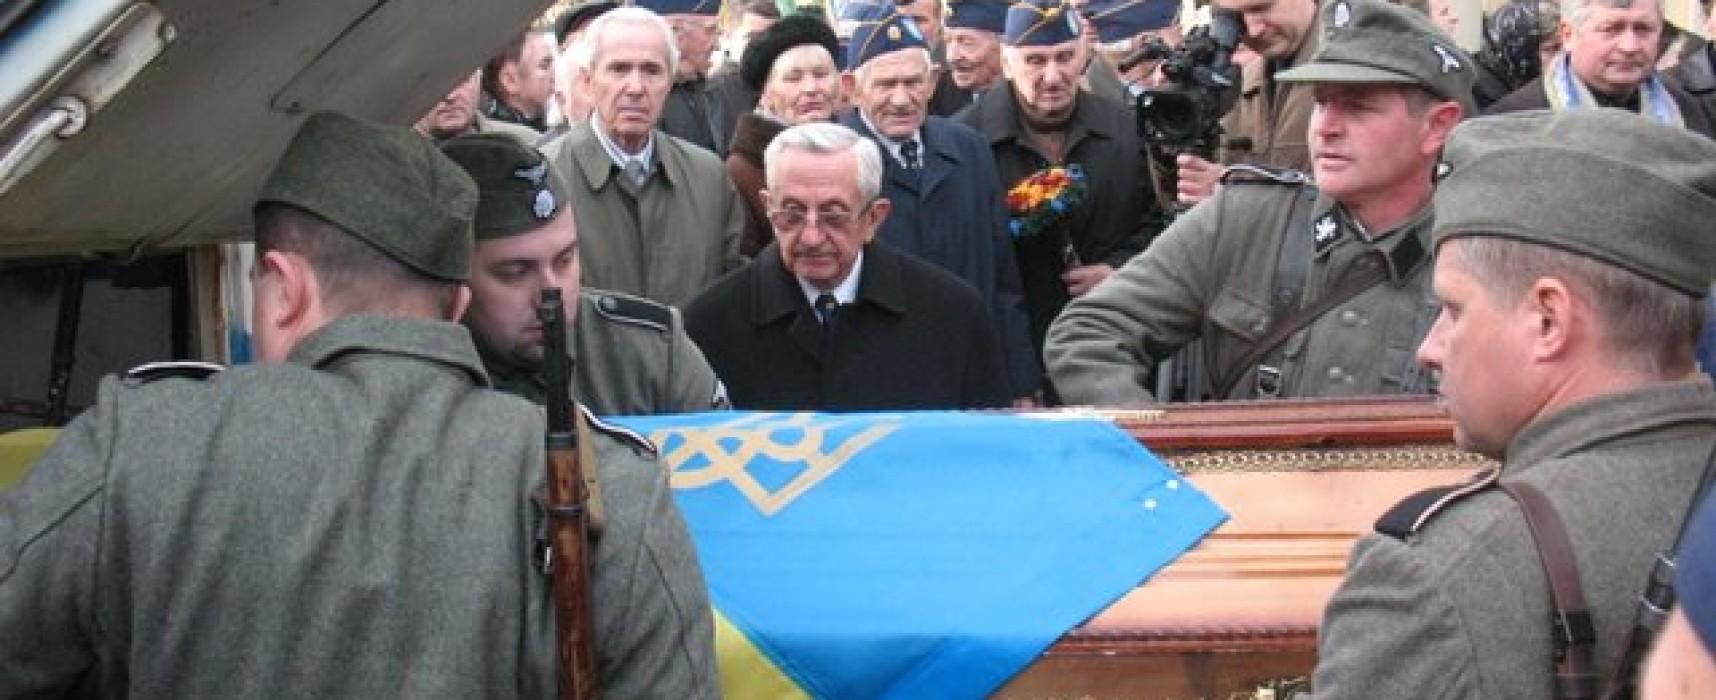 Фото с похорон ветерана СС Галичина 2009 года представляется как актуальные события в Украине